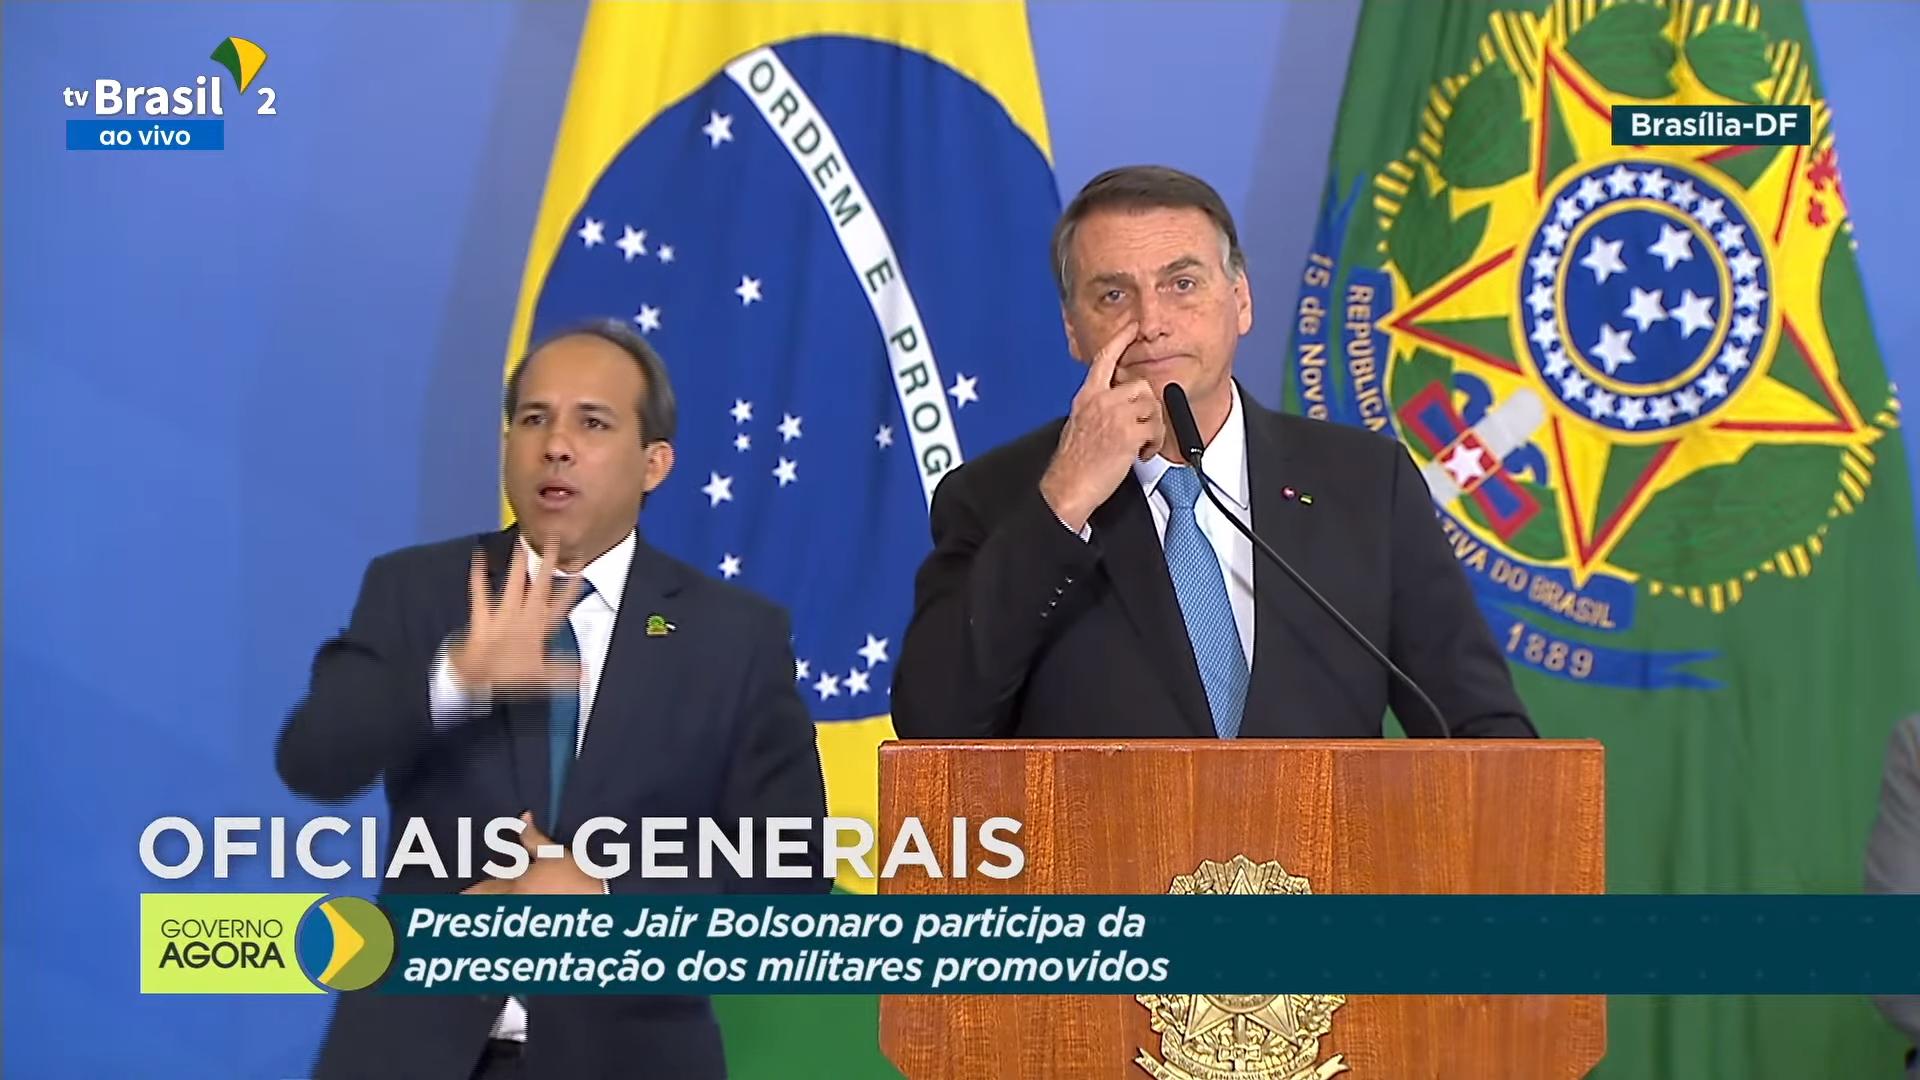 """IMAGEM: Bolsonaro diz ter certeza de """"apoio total"""" das Forças Armadas a suas decisões"""